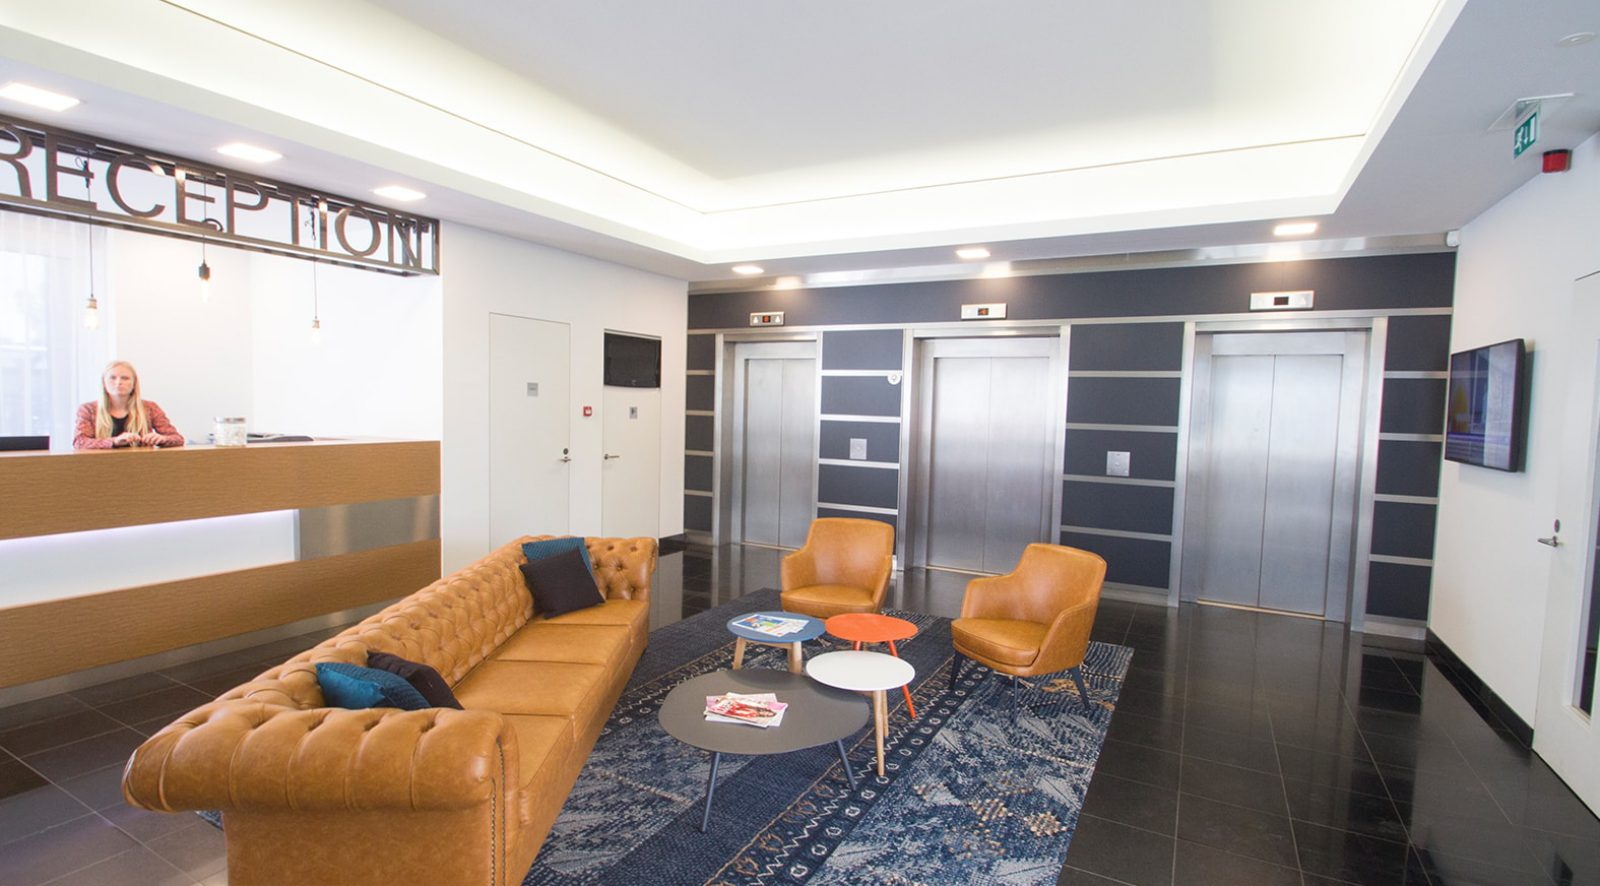 Bedrijfsruimte Zoetermeer | Crown Business Center Zoetermeer